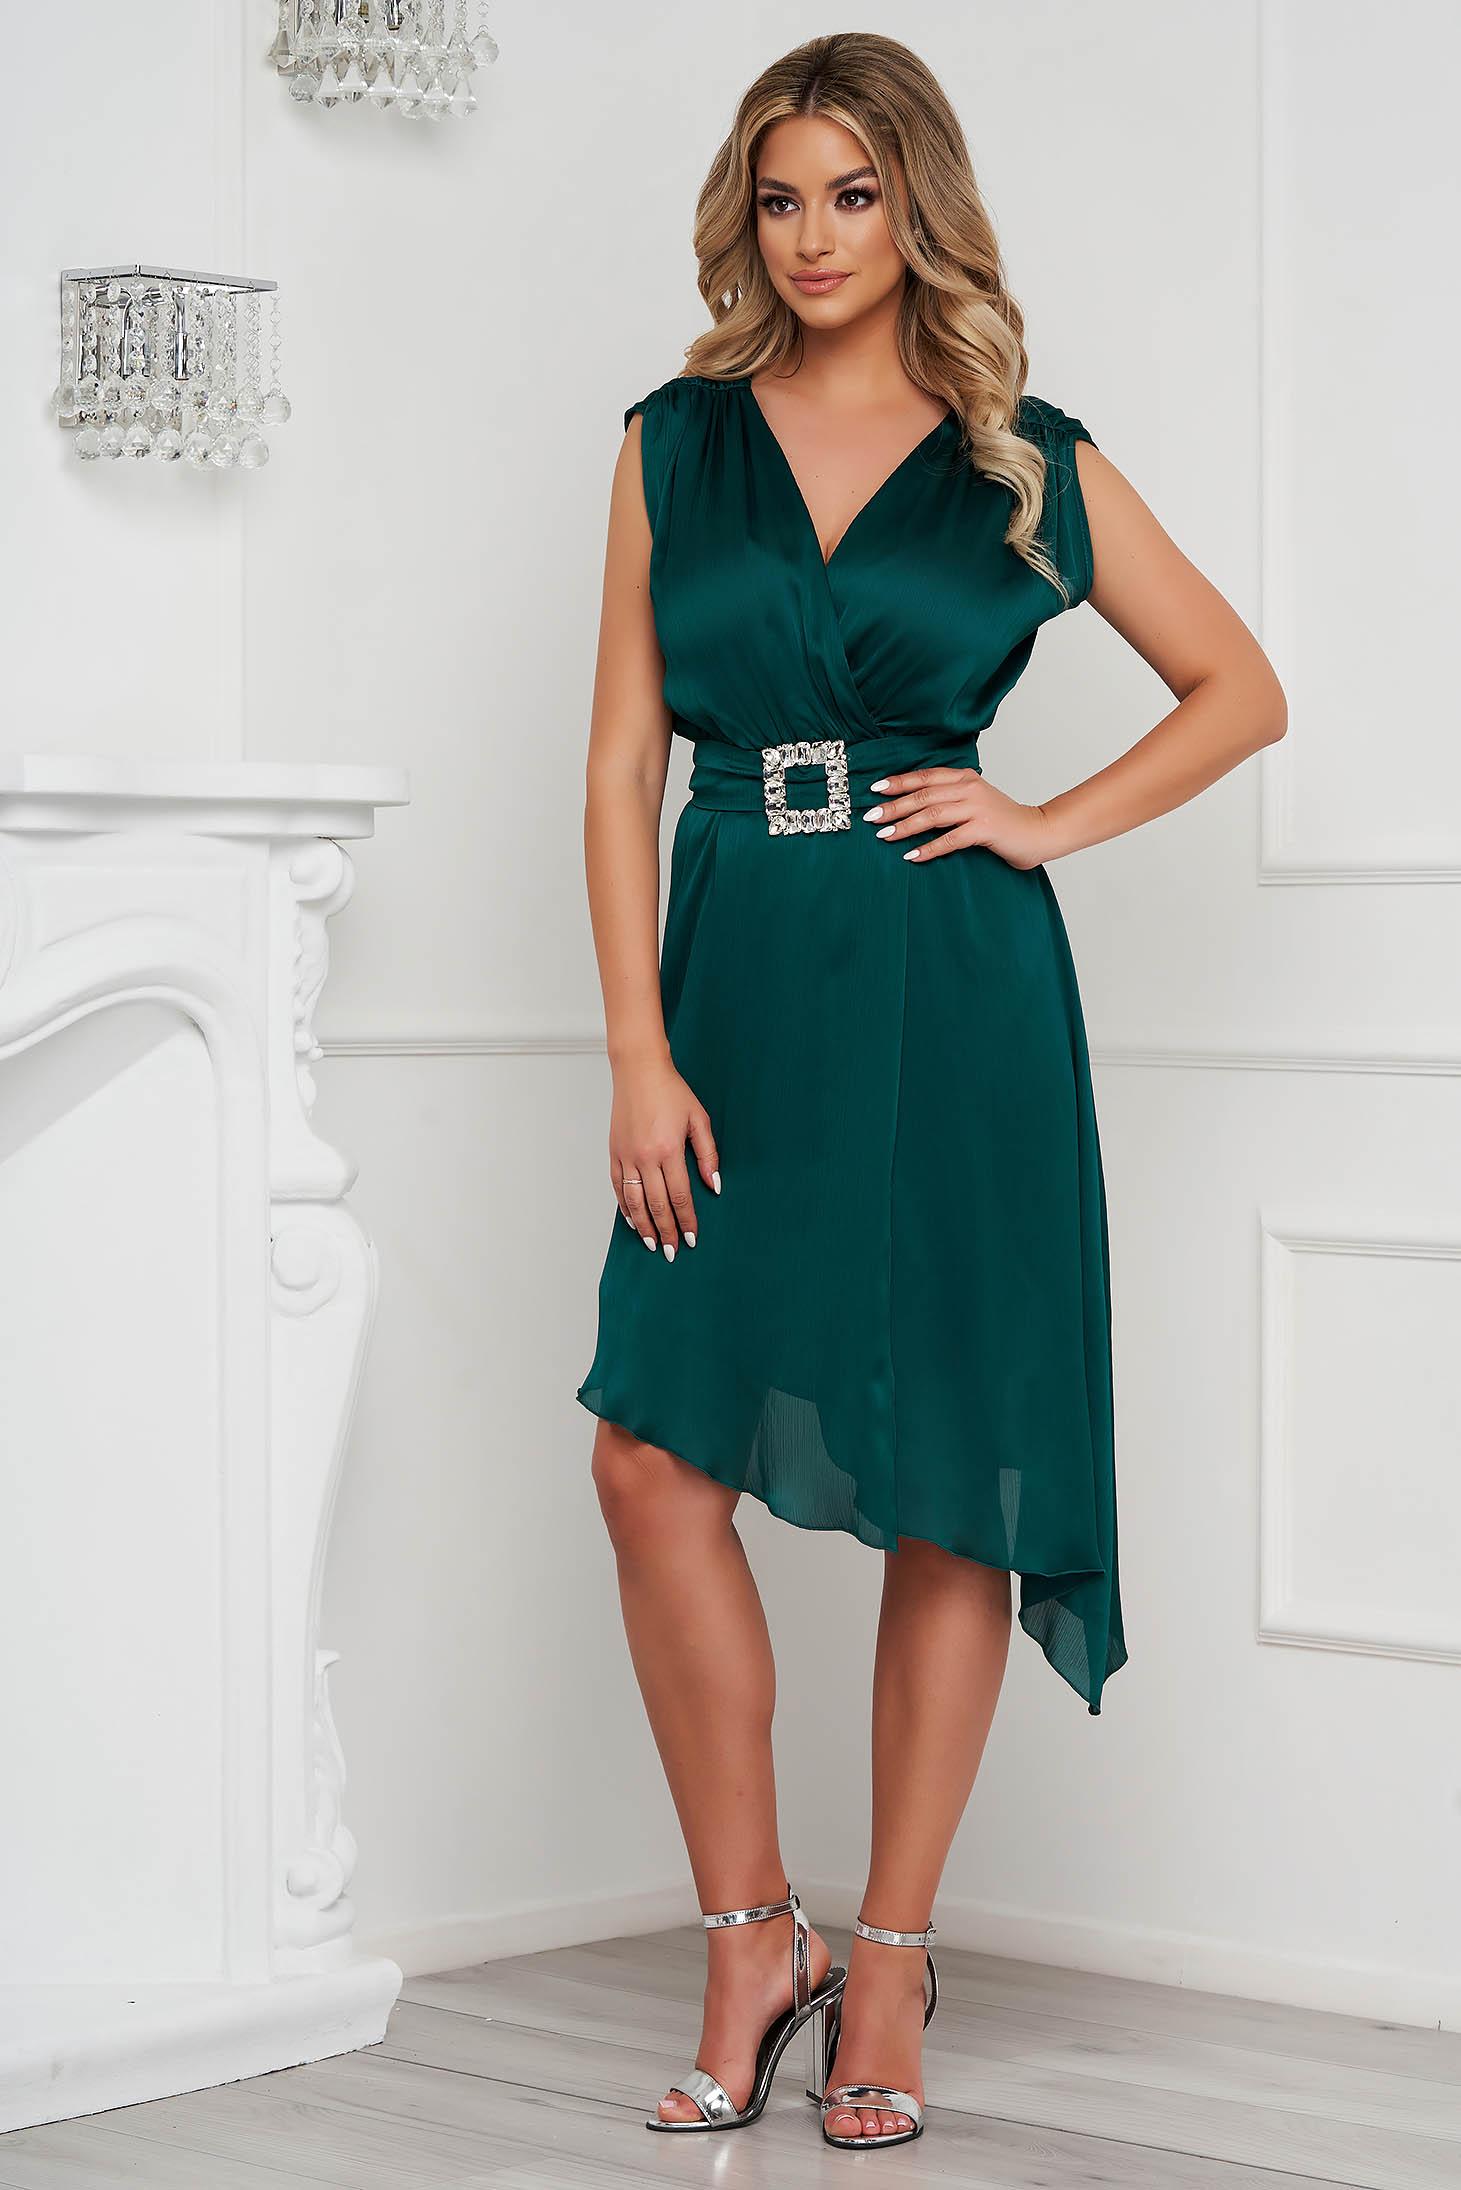 Rochie PrettyGirl verde-inchis eleganta asimetrica in clos din voal cu aspect satinat accesorizata cu cordon cu pietre strass